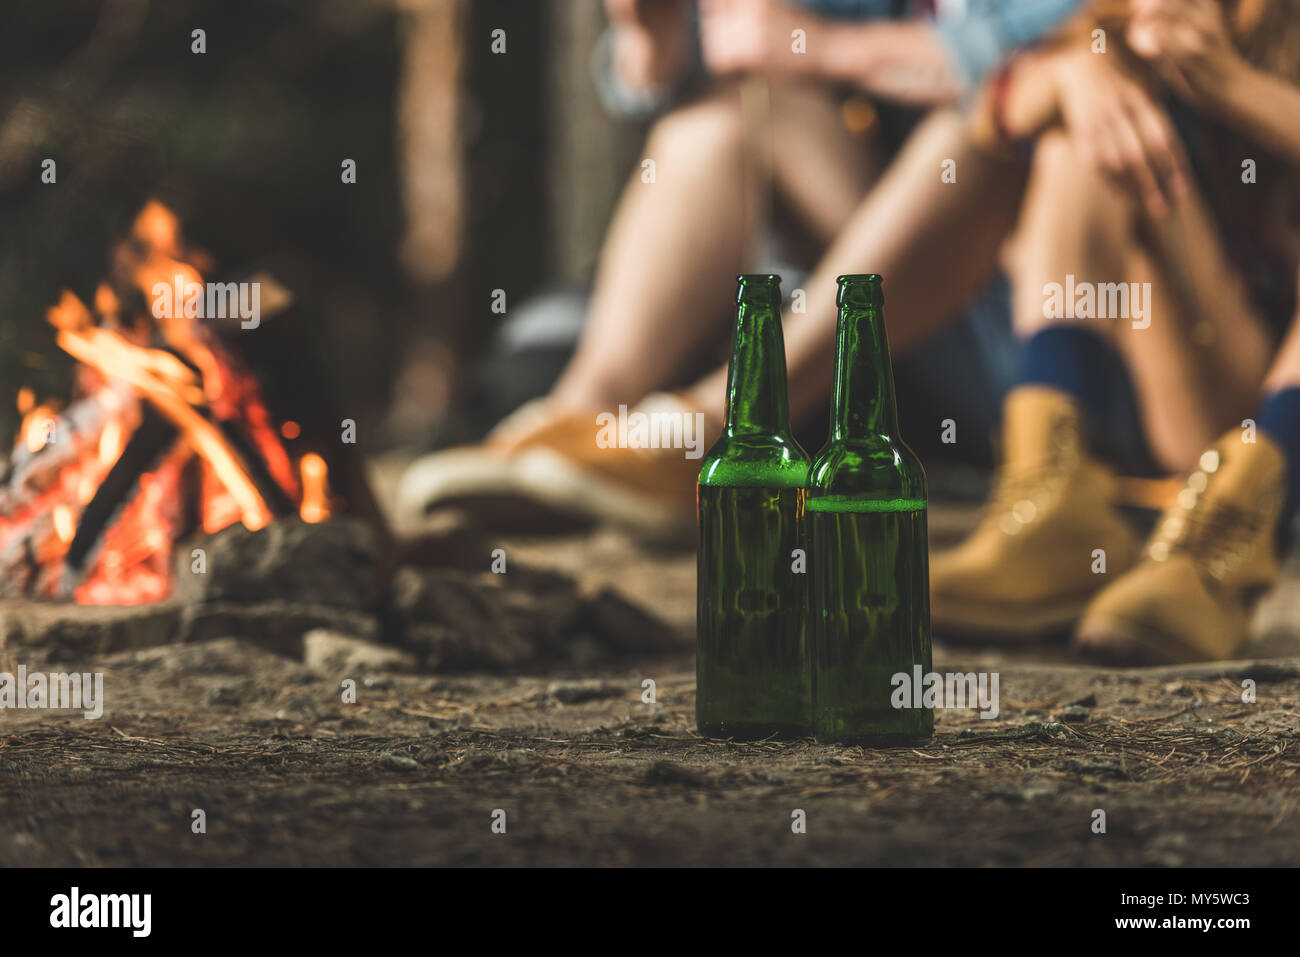 Le bottiglie di birra in escursionismo camp accanto al falò Immagini Stock